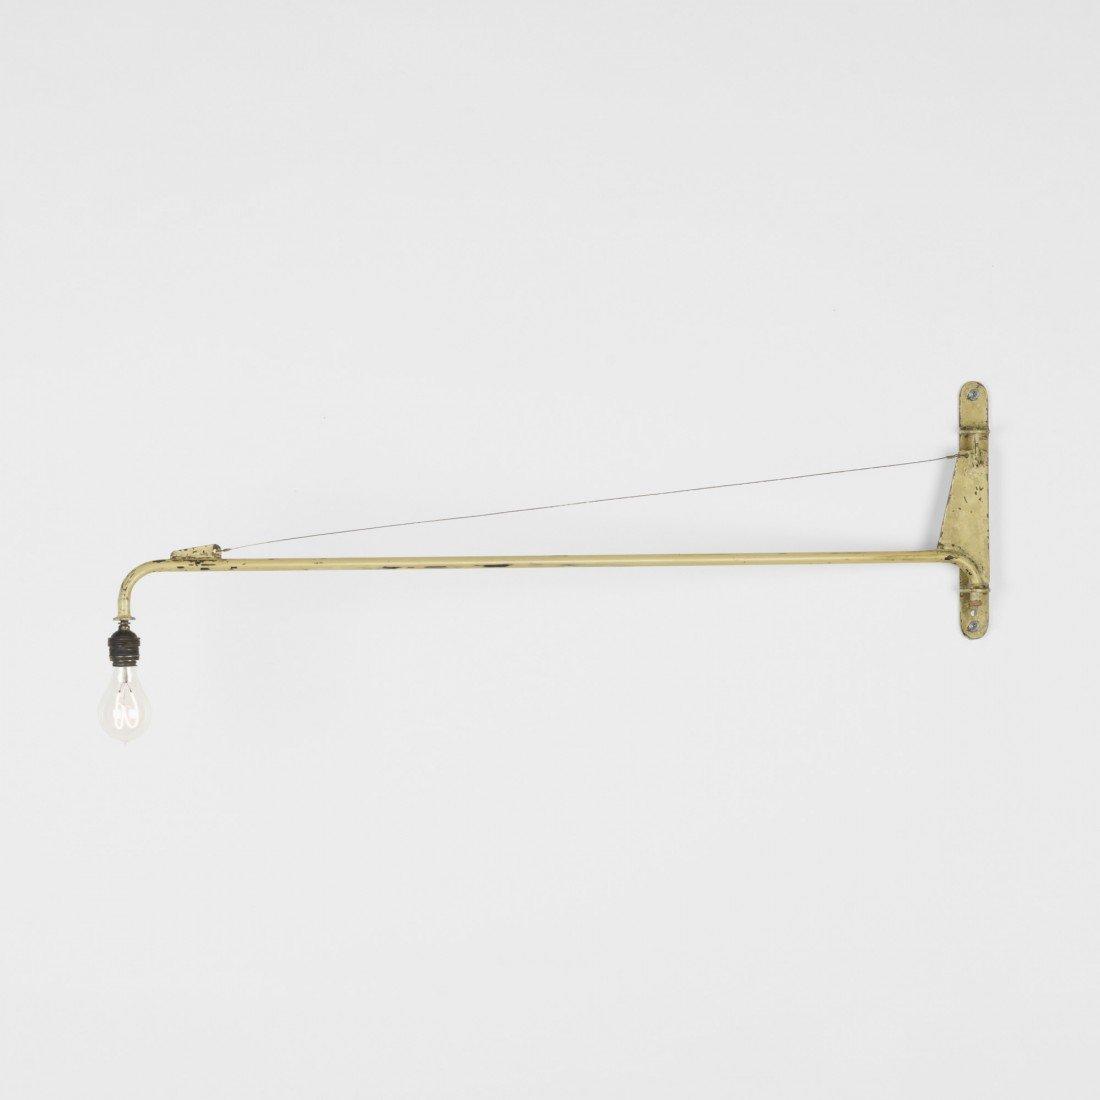 110: Jean  Prouvé Swing-Jib lamp